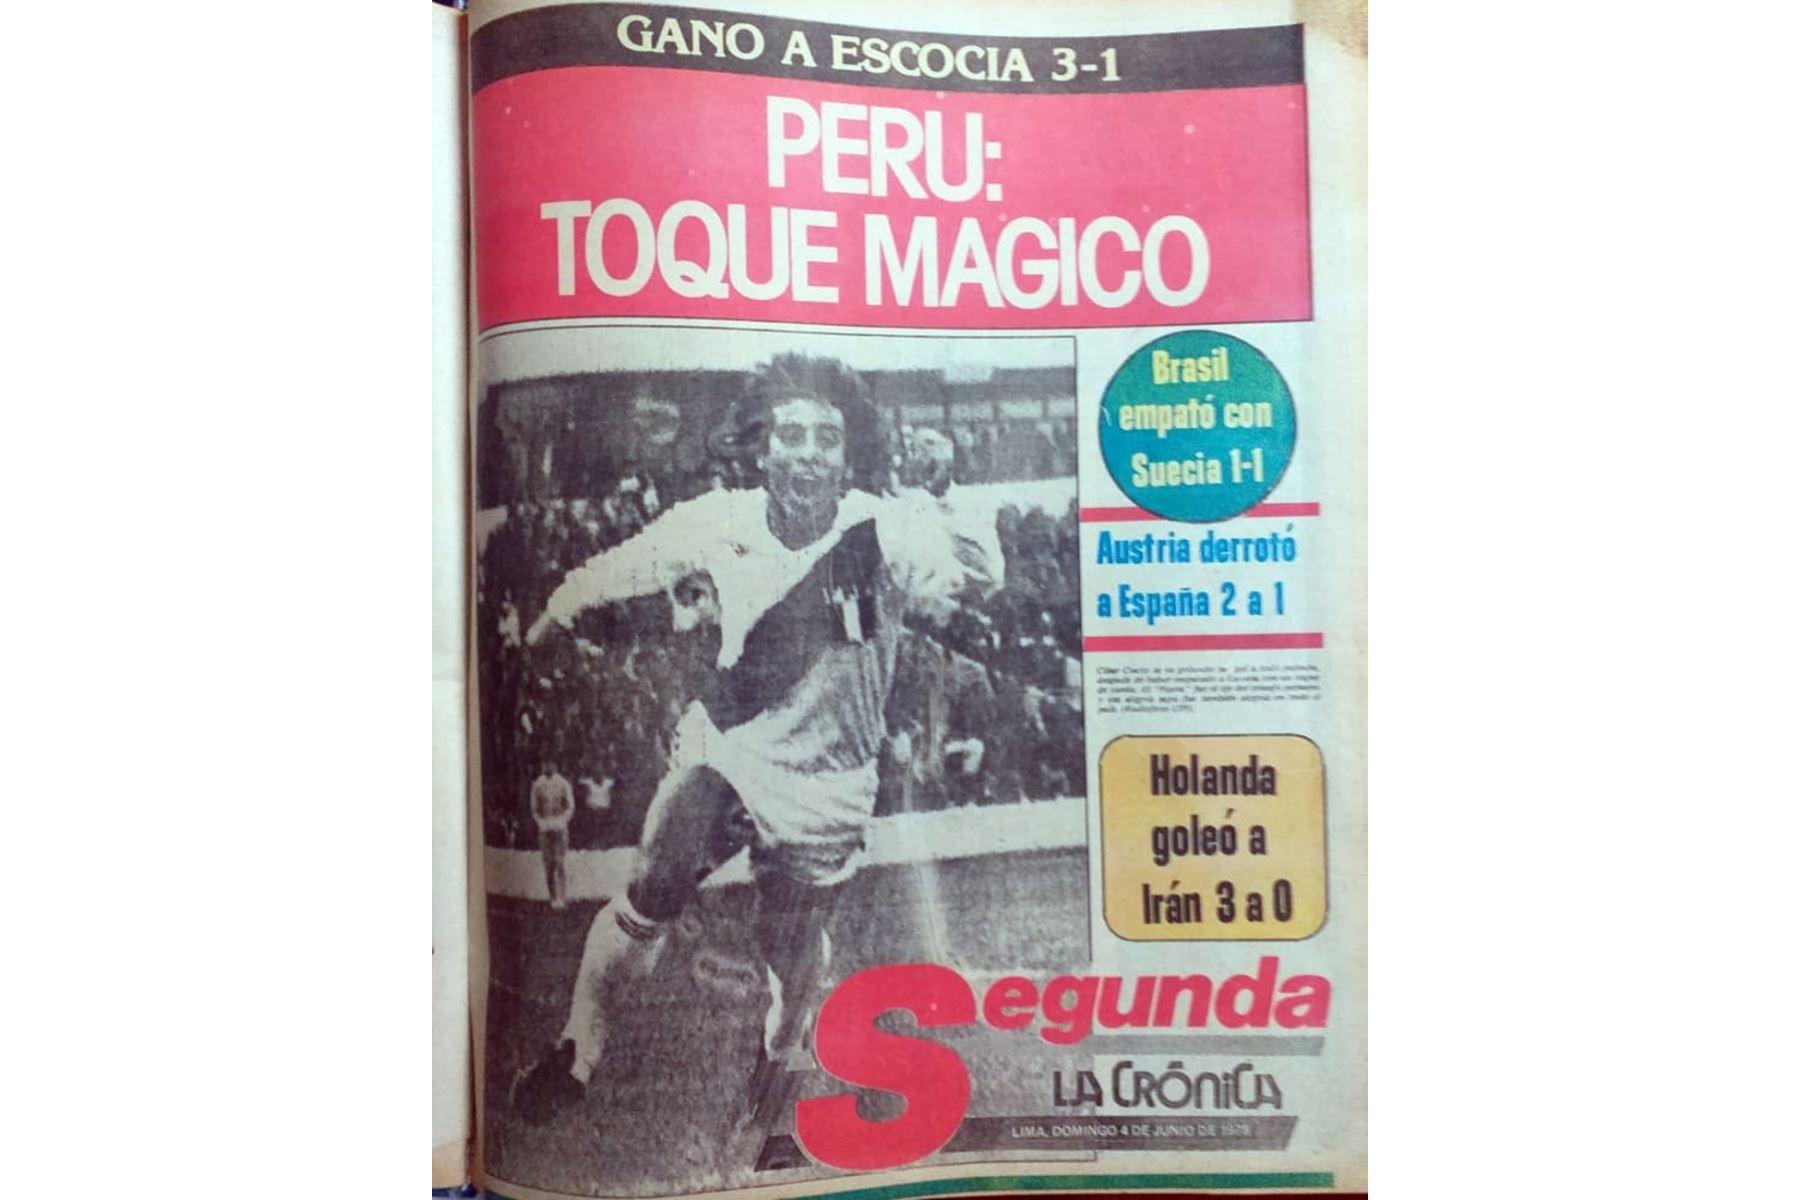 Cobertura del diario La Crónica sobre el triunfo de la selección peruana de fútbol 3-1 sobre Escocia en el Mundial Argentina 78 el 3 de junio de 1978. Foto: Archivo/ ANDINA